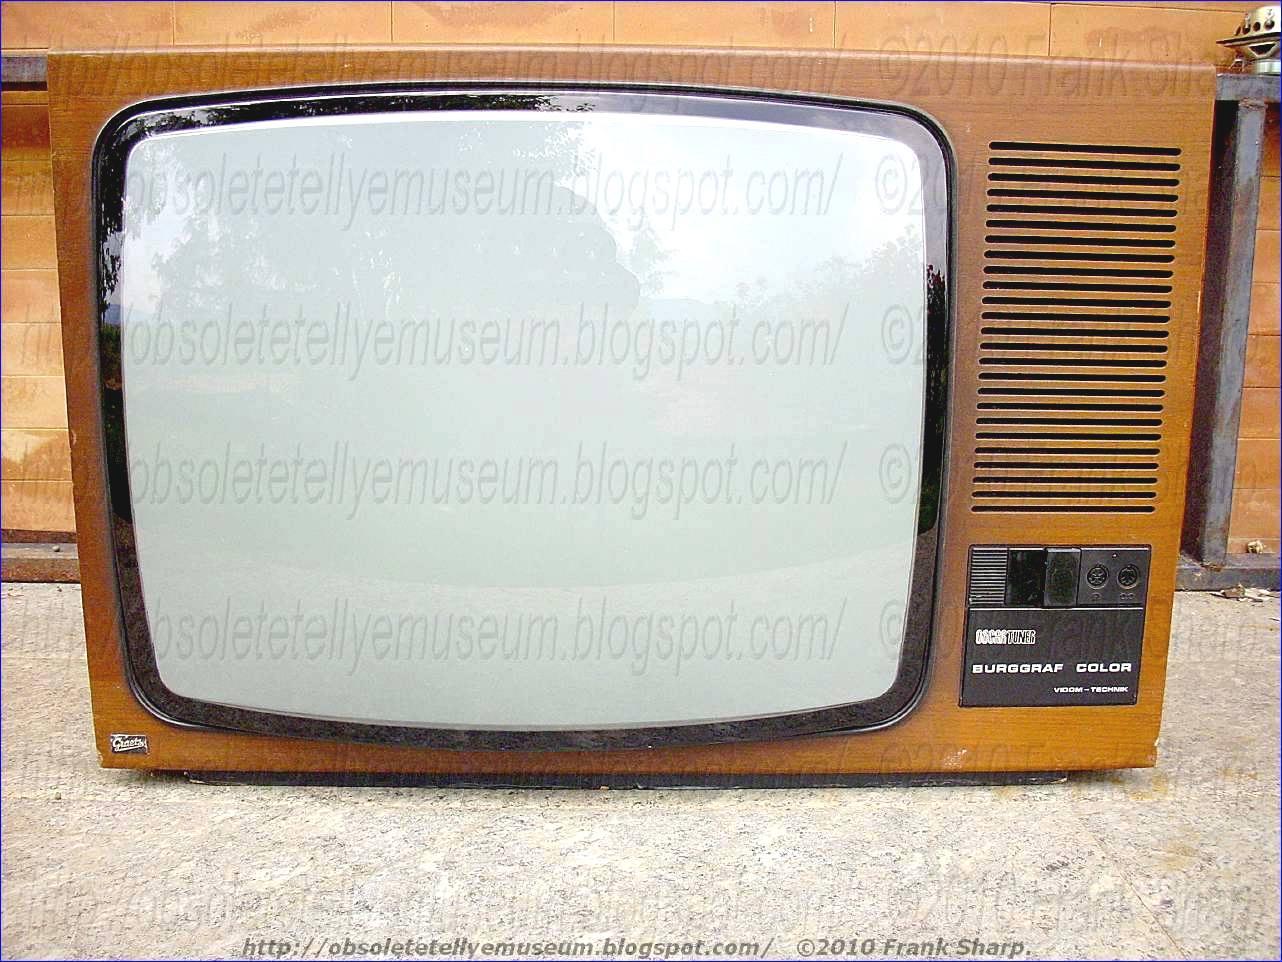 Obsolete Technology Tellye !: GRAETZ BURGGRAF COLOR 2749B ...